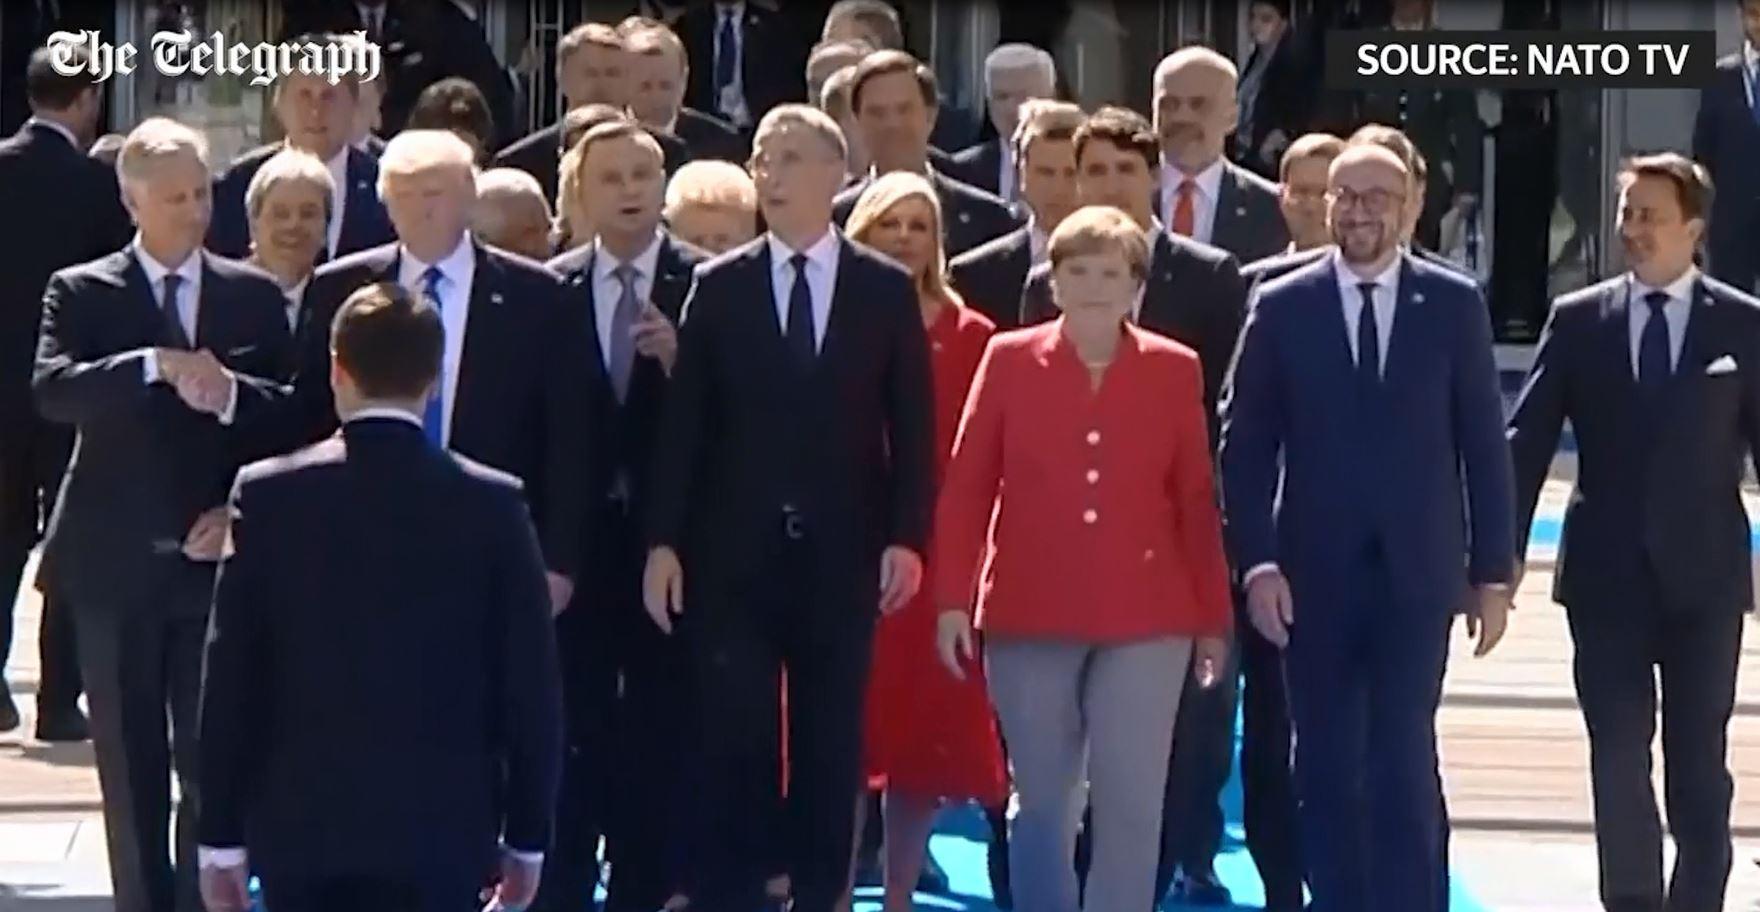 Perëndimi, bashkë kundër Rusisë